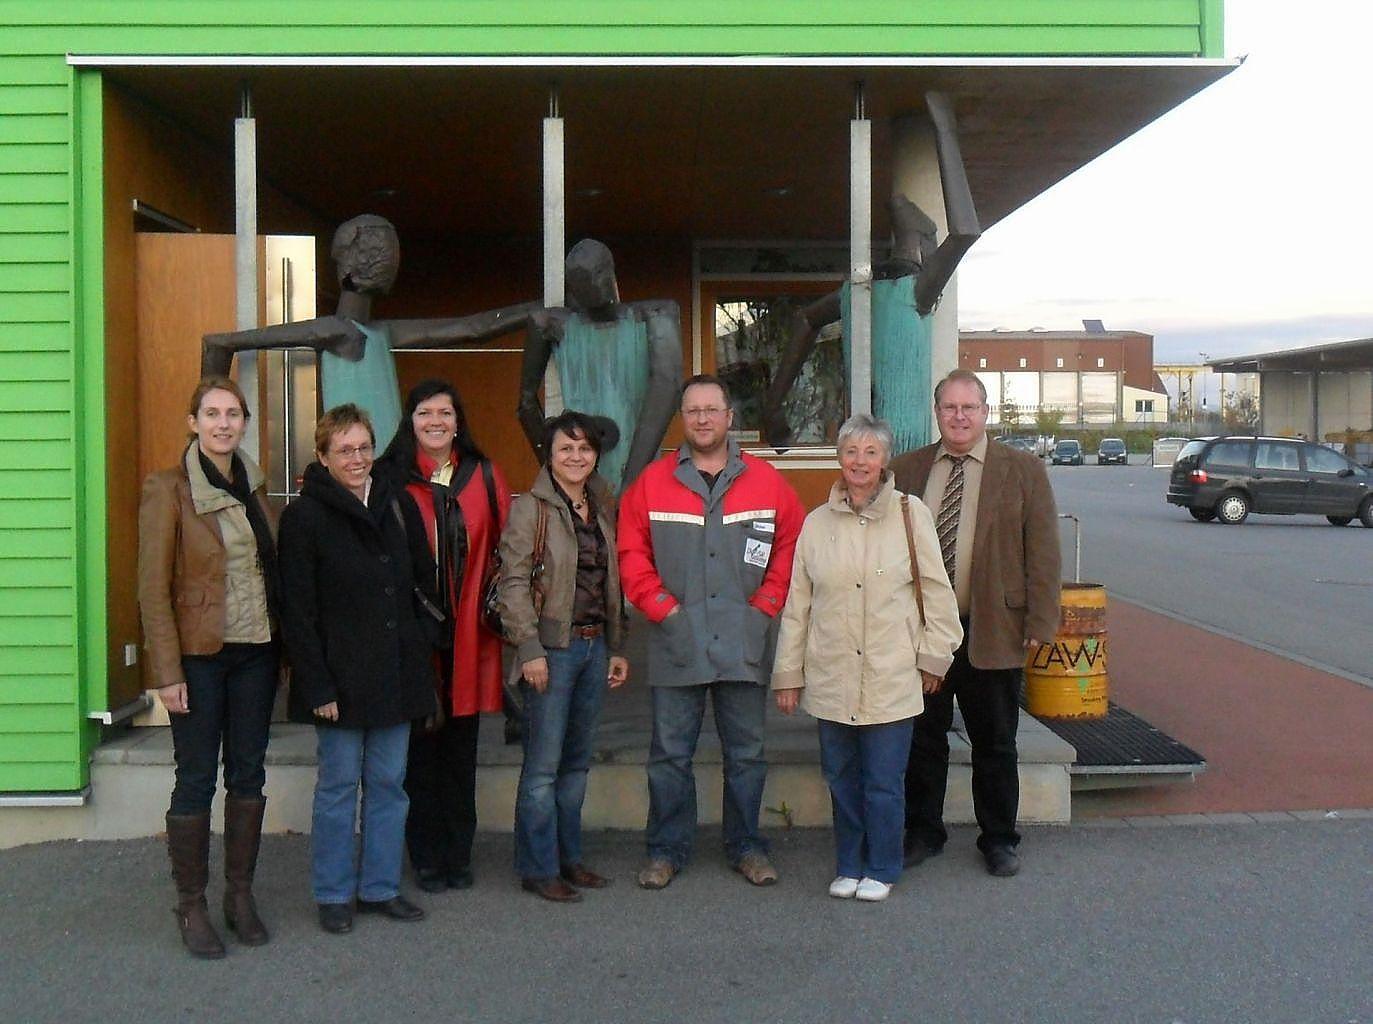 Frauenliste besucht Wertstoffhof in Straubing